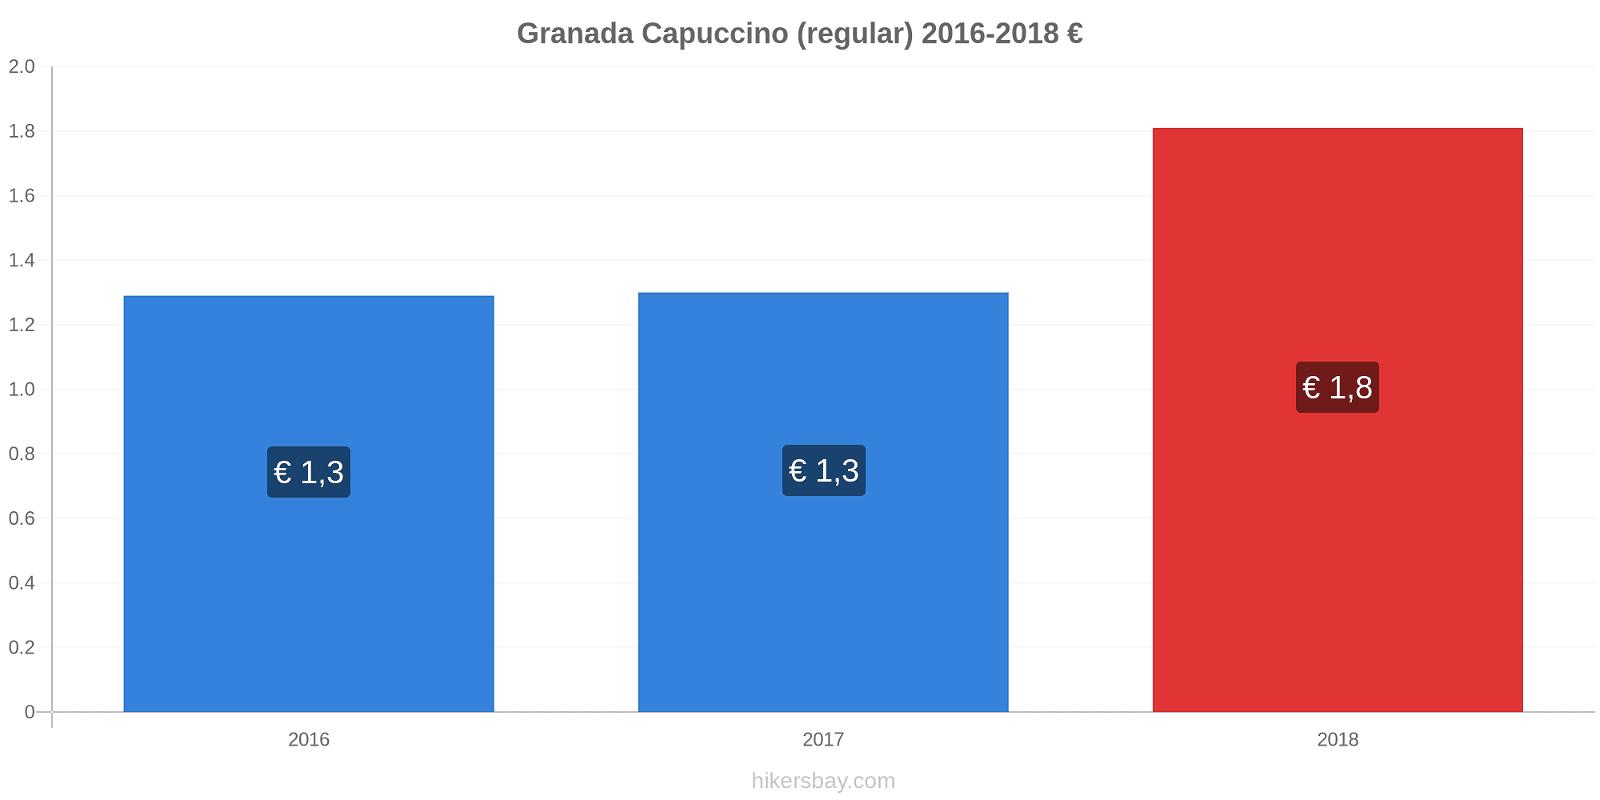 Granada variação de preço Capuccino (regular) hikersbay.com